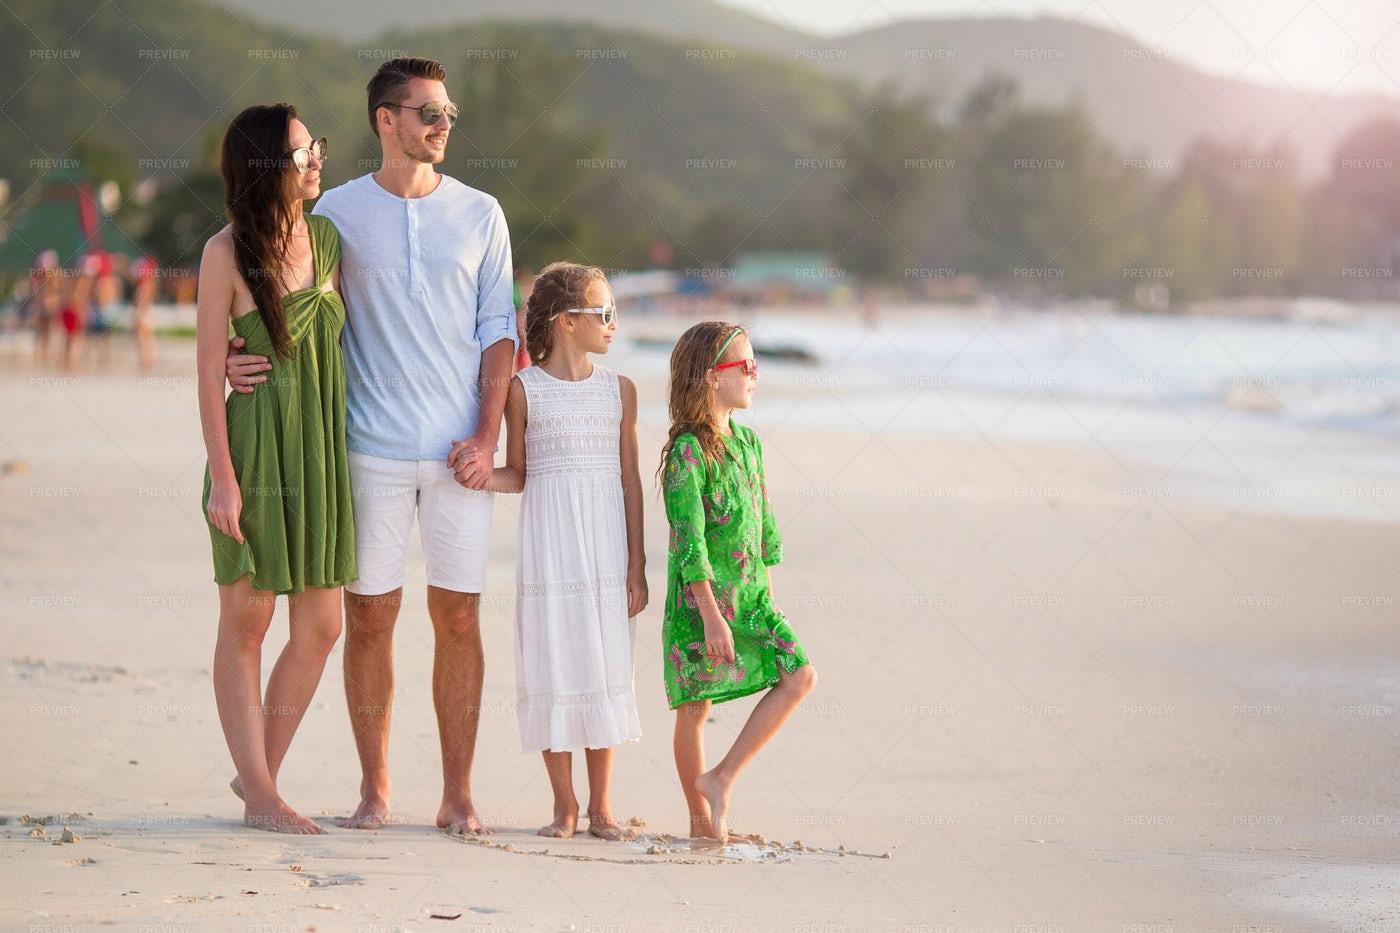 Family On The Beach: Stock Photos